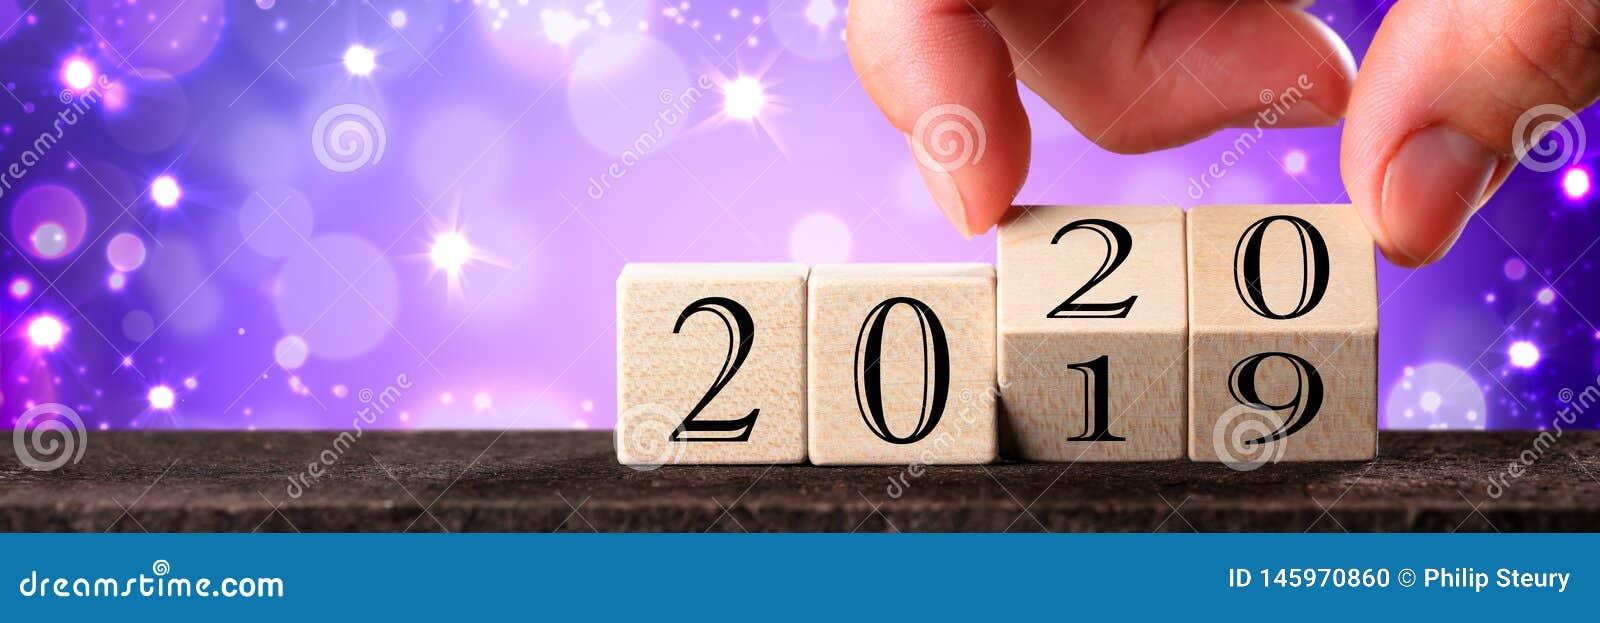 手改变建于2019年到2020年